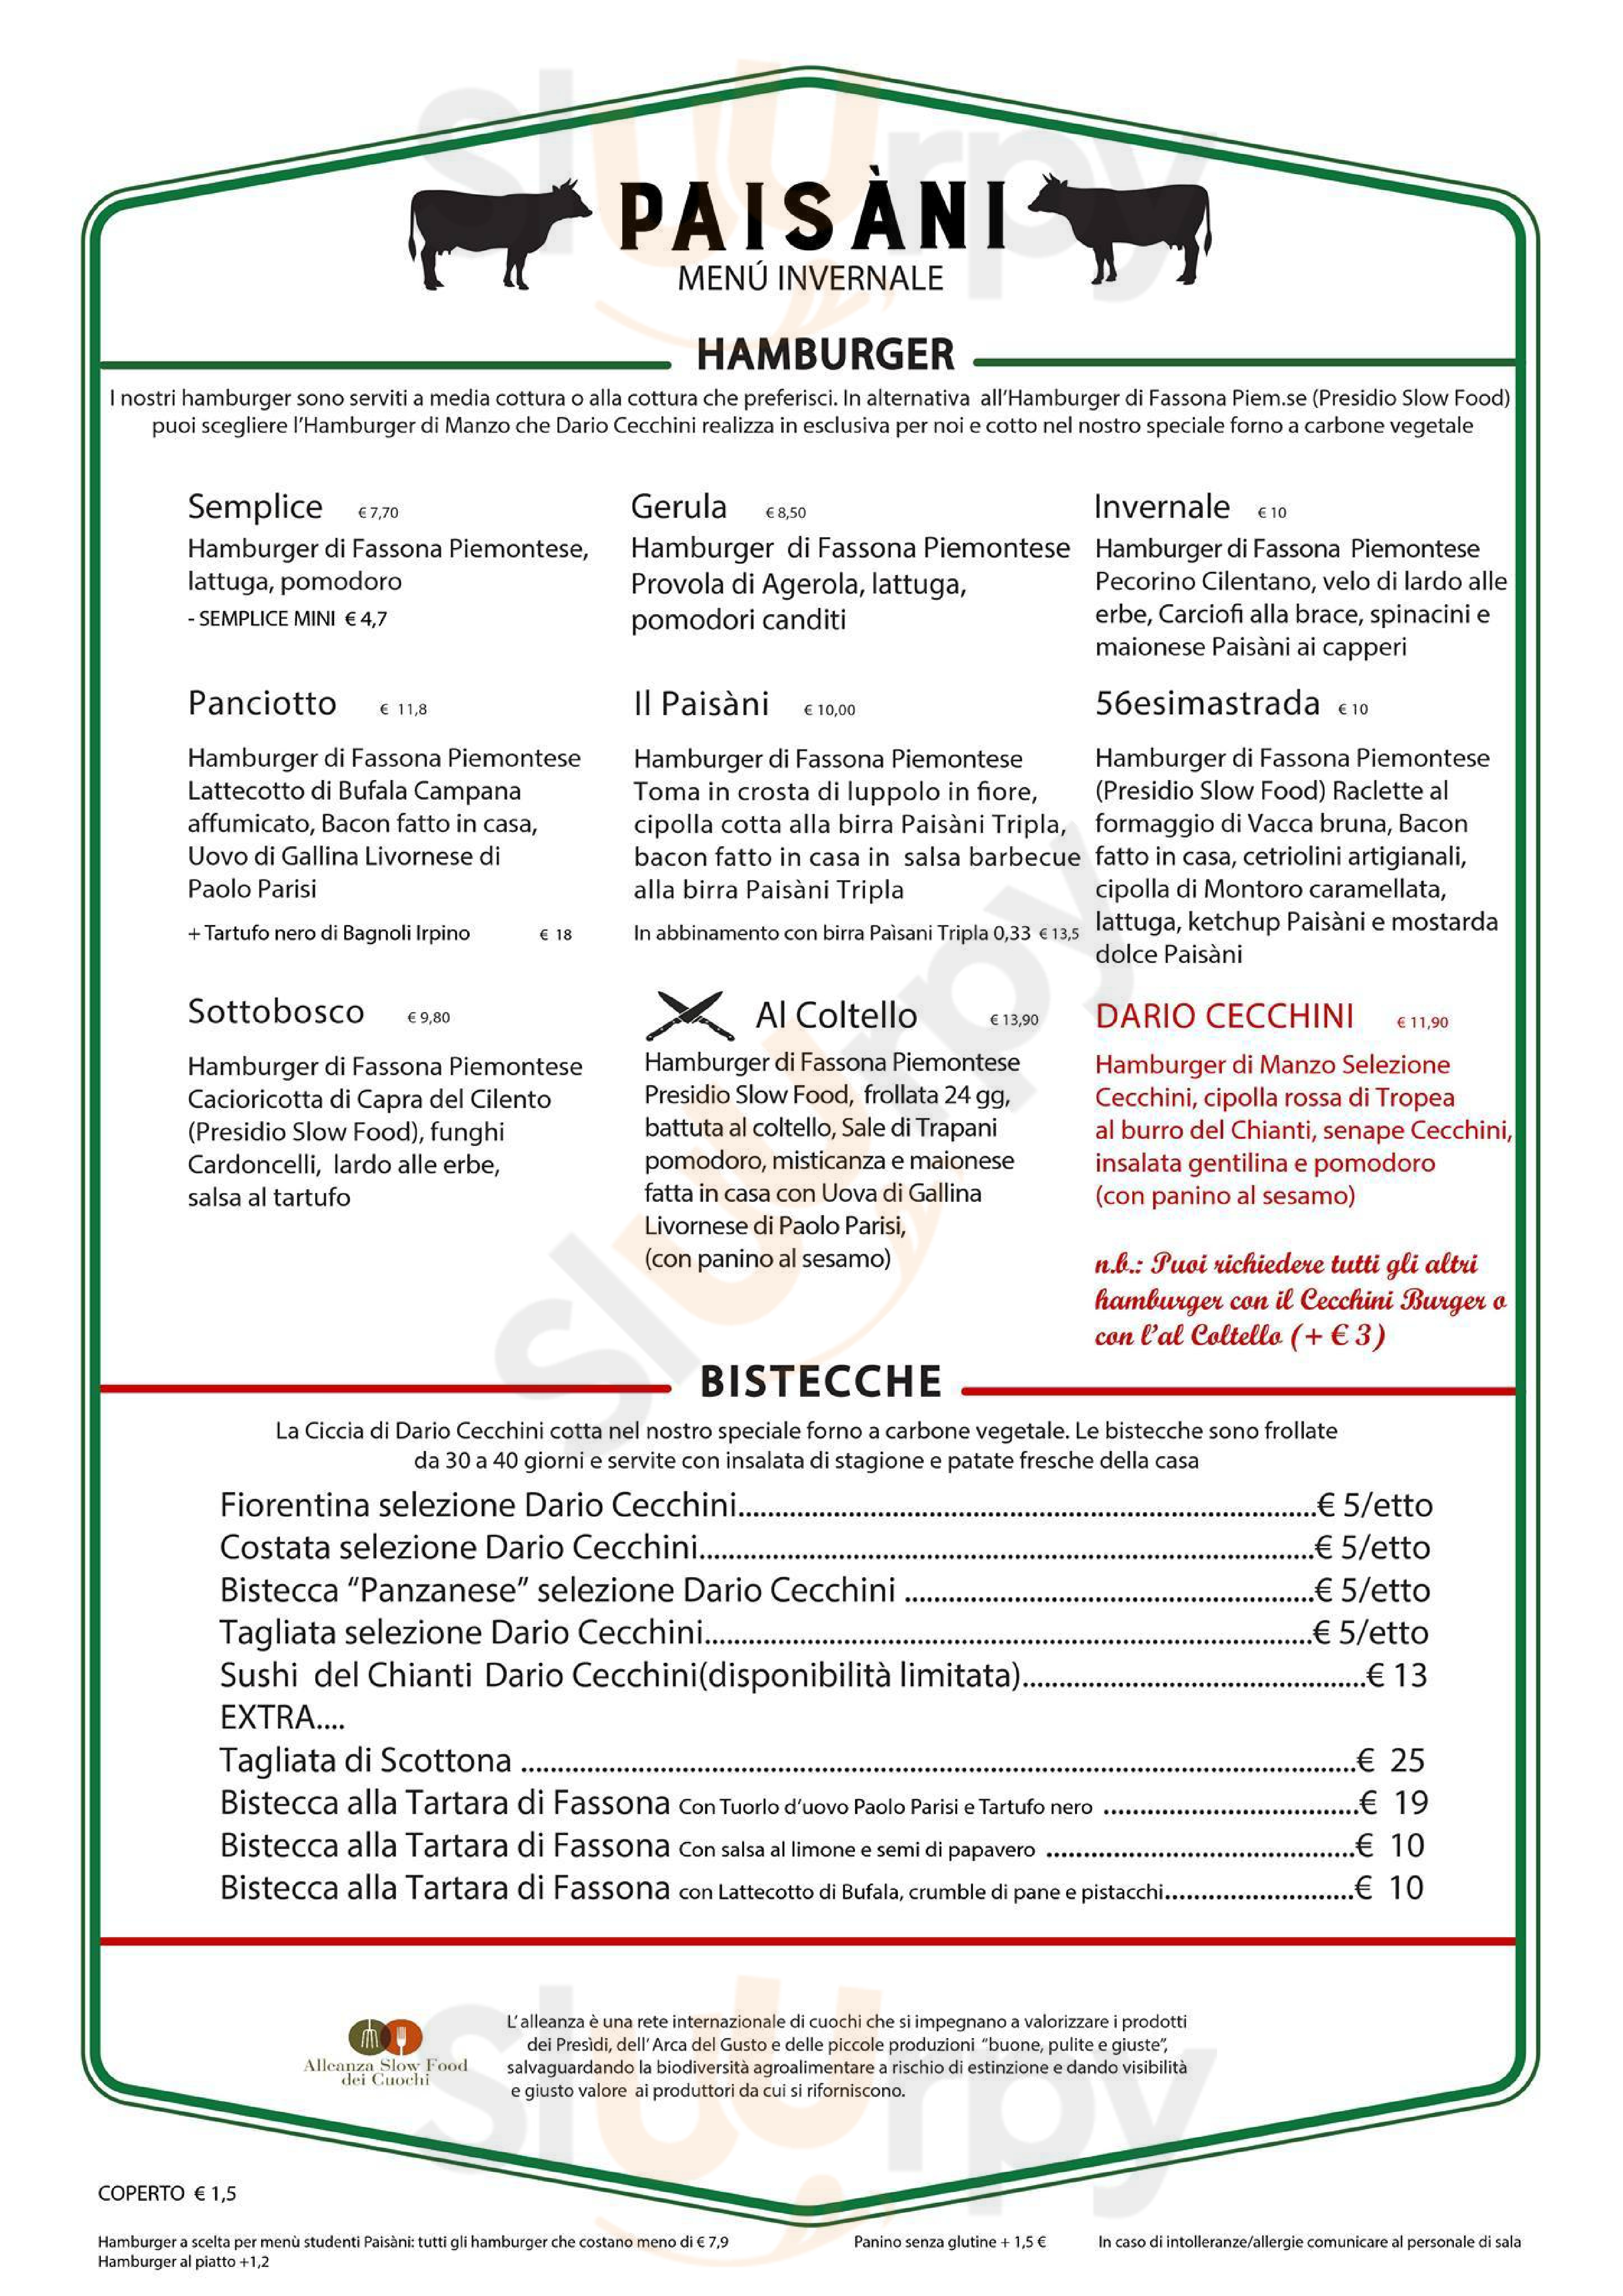 Hamburger Paisàni Aversa menù 1 pagina